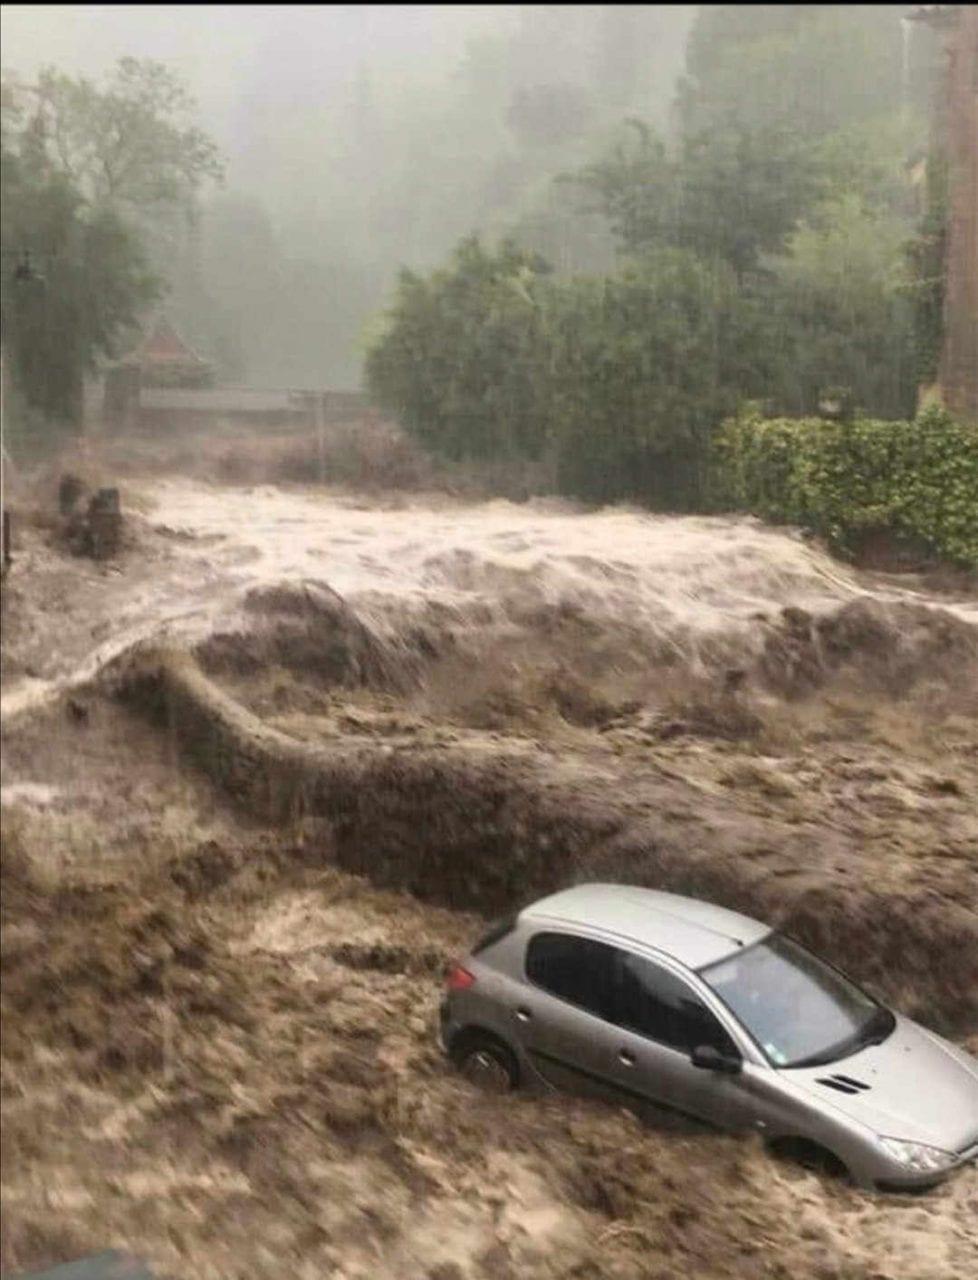 ALLUVIONE nel sud della Francia. PIOGGE record, fino a 700 mm in un giorno